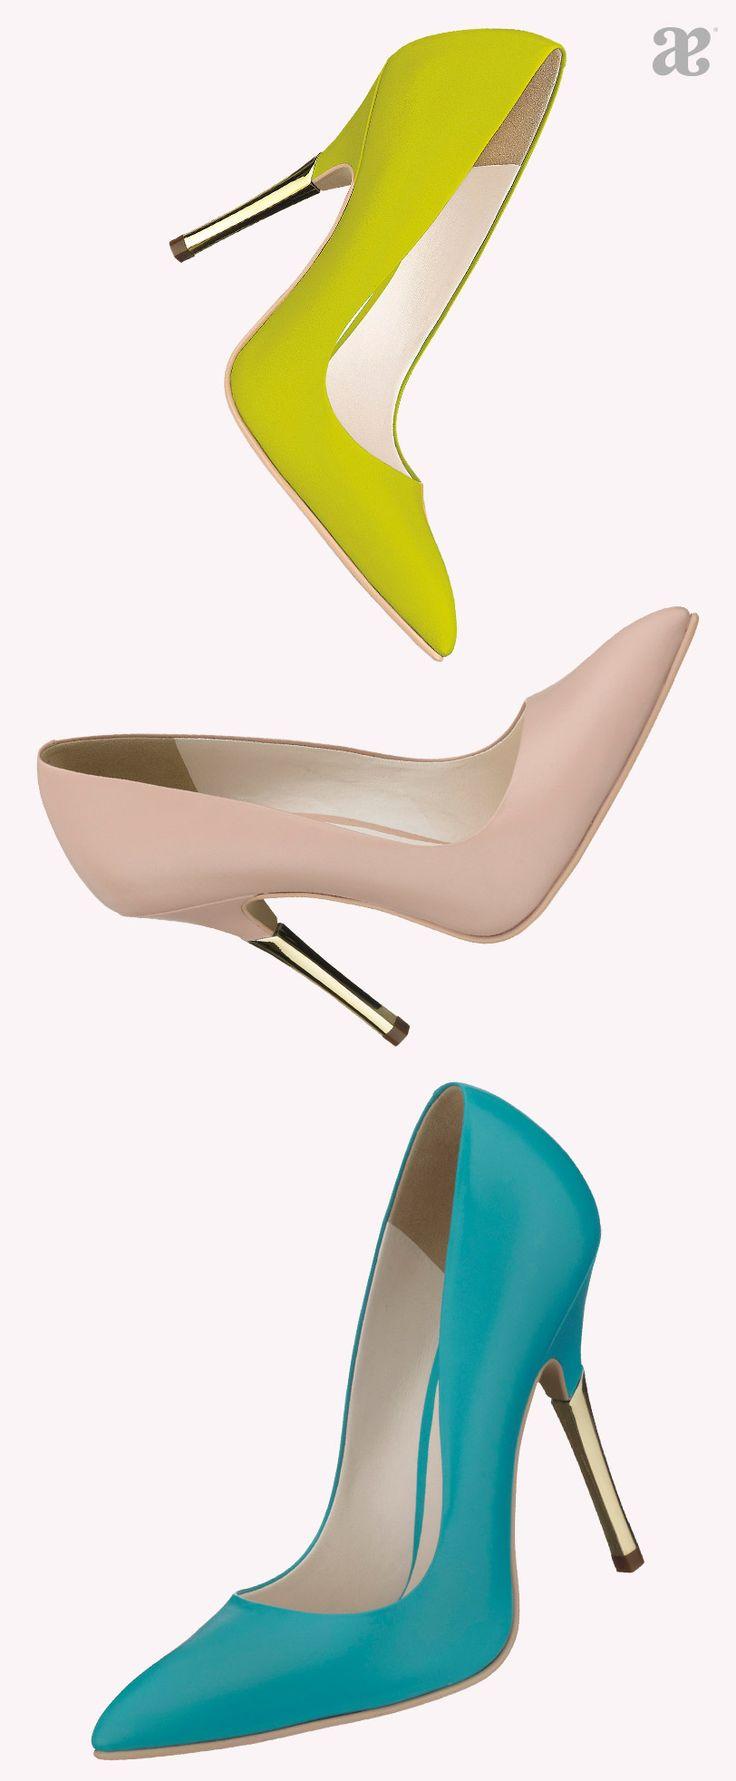 Para que sea fácil armar un #look con alguno de estos #zapatos te recomendamos comenzar a armarlo de abajo hacia arriba y vayas agregando piezas de #colores que combinen (mismos tonos) o se complementen (tonos opuestos que luzcan bien juntos).